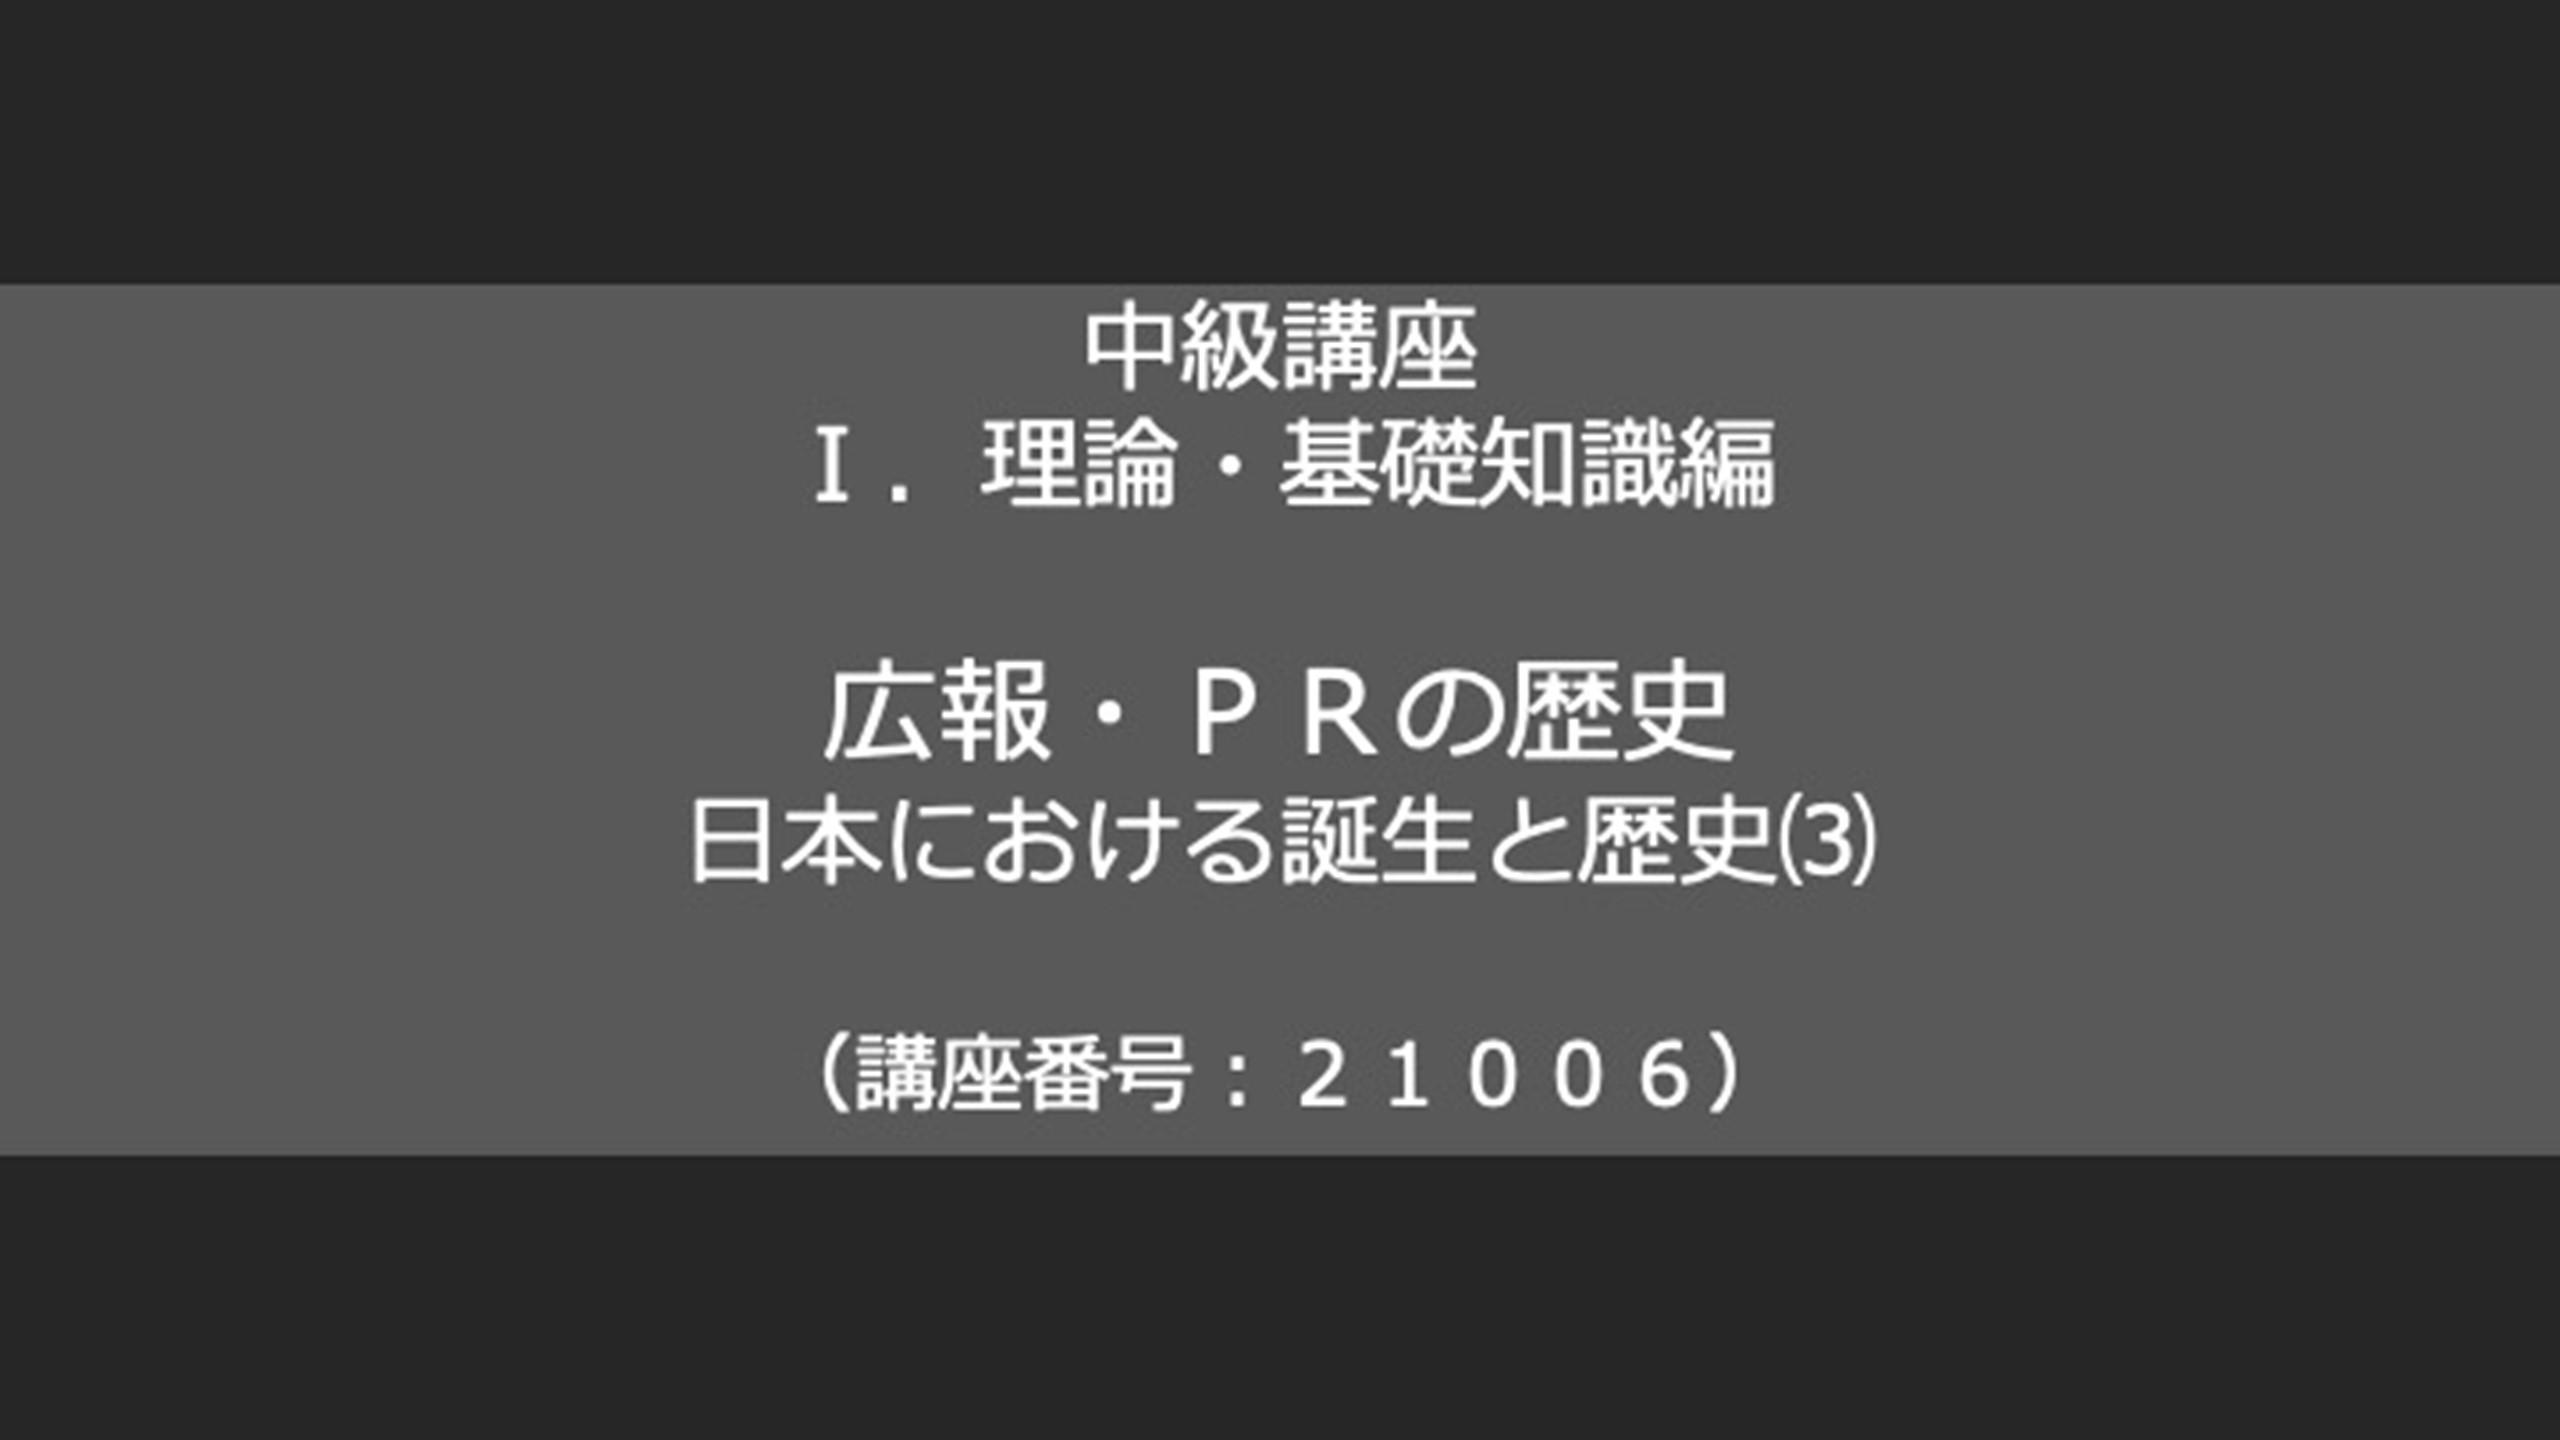 中級講座 Ⅰ.理論・基礎知識 広報・PRの歴史 日本における誕生と歴史(3)